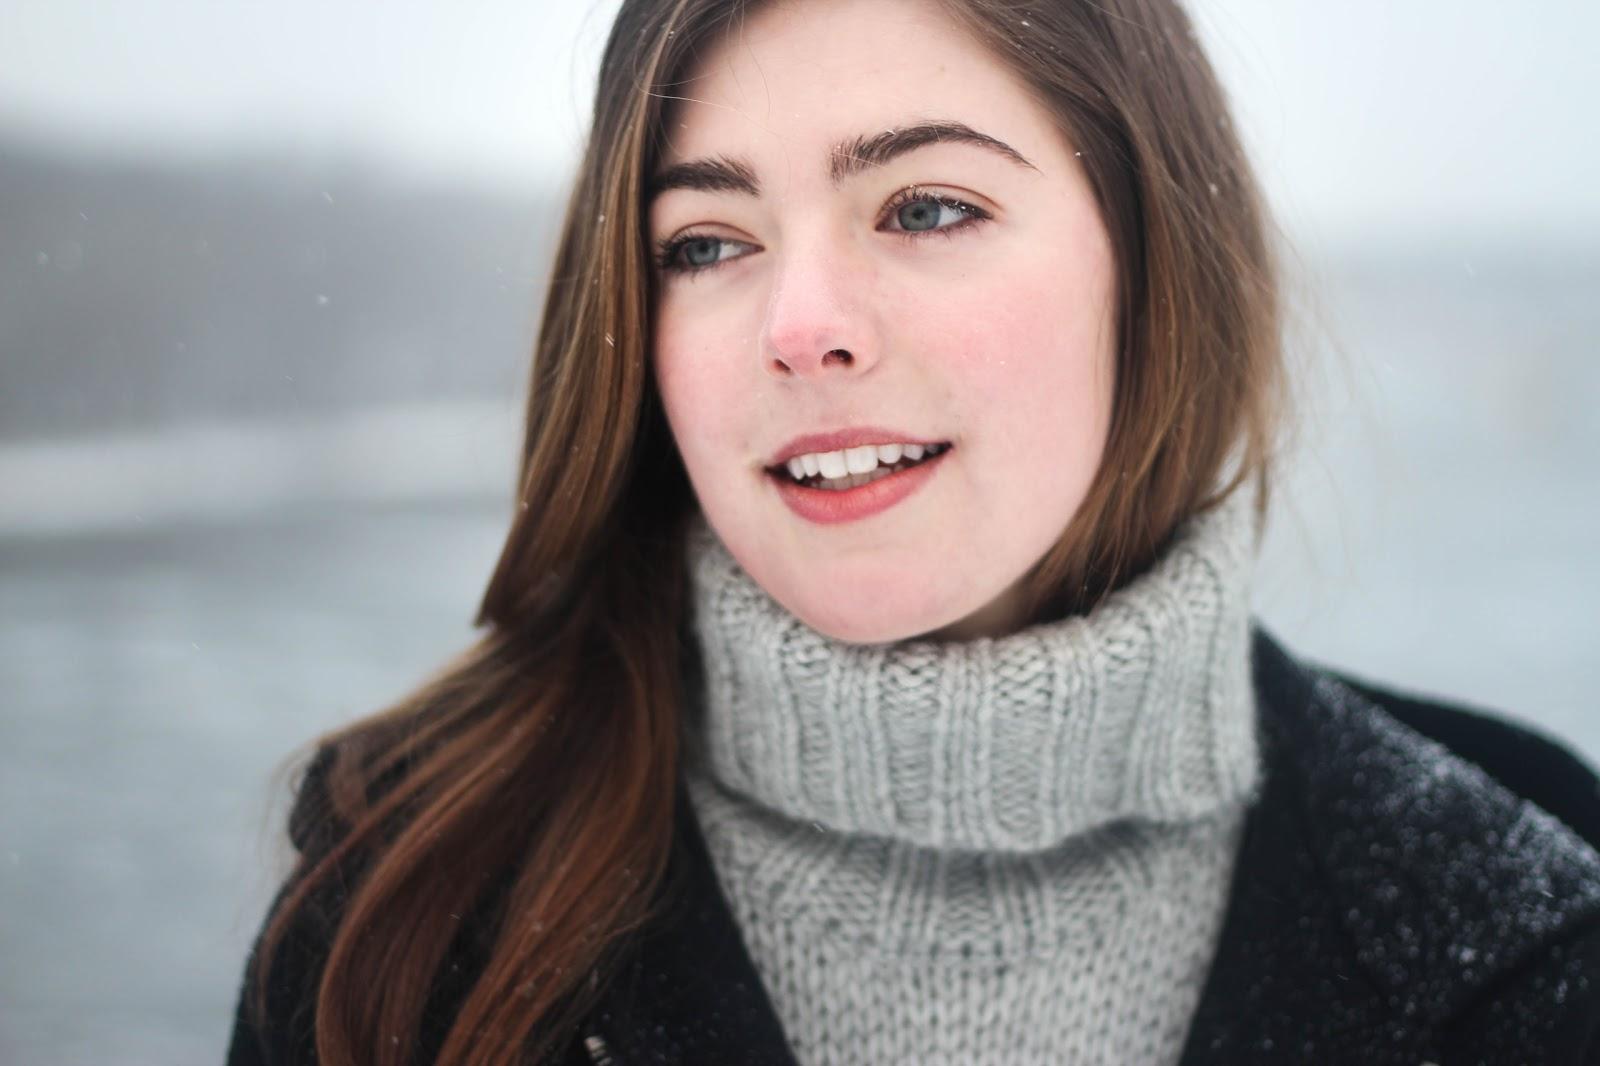 冬の女性の少しだけ右を向いた顔